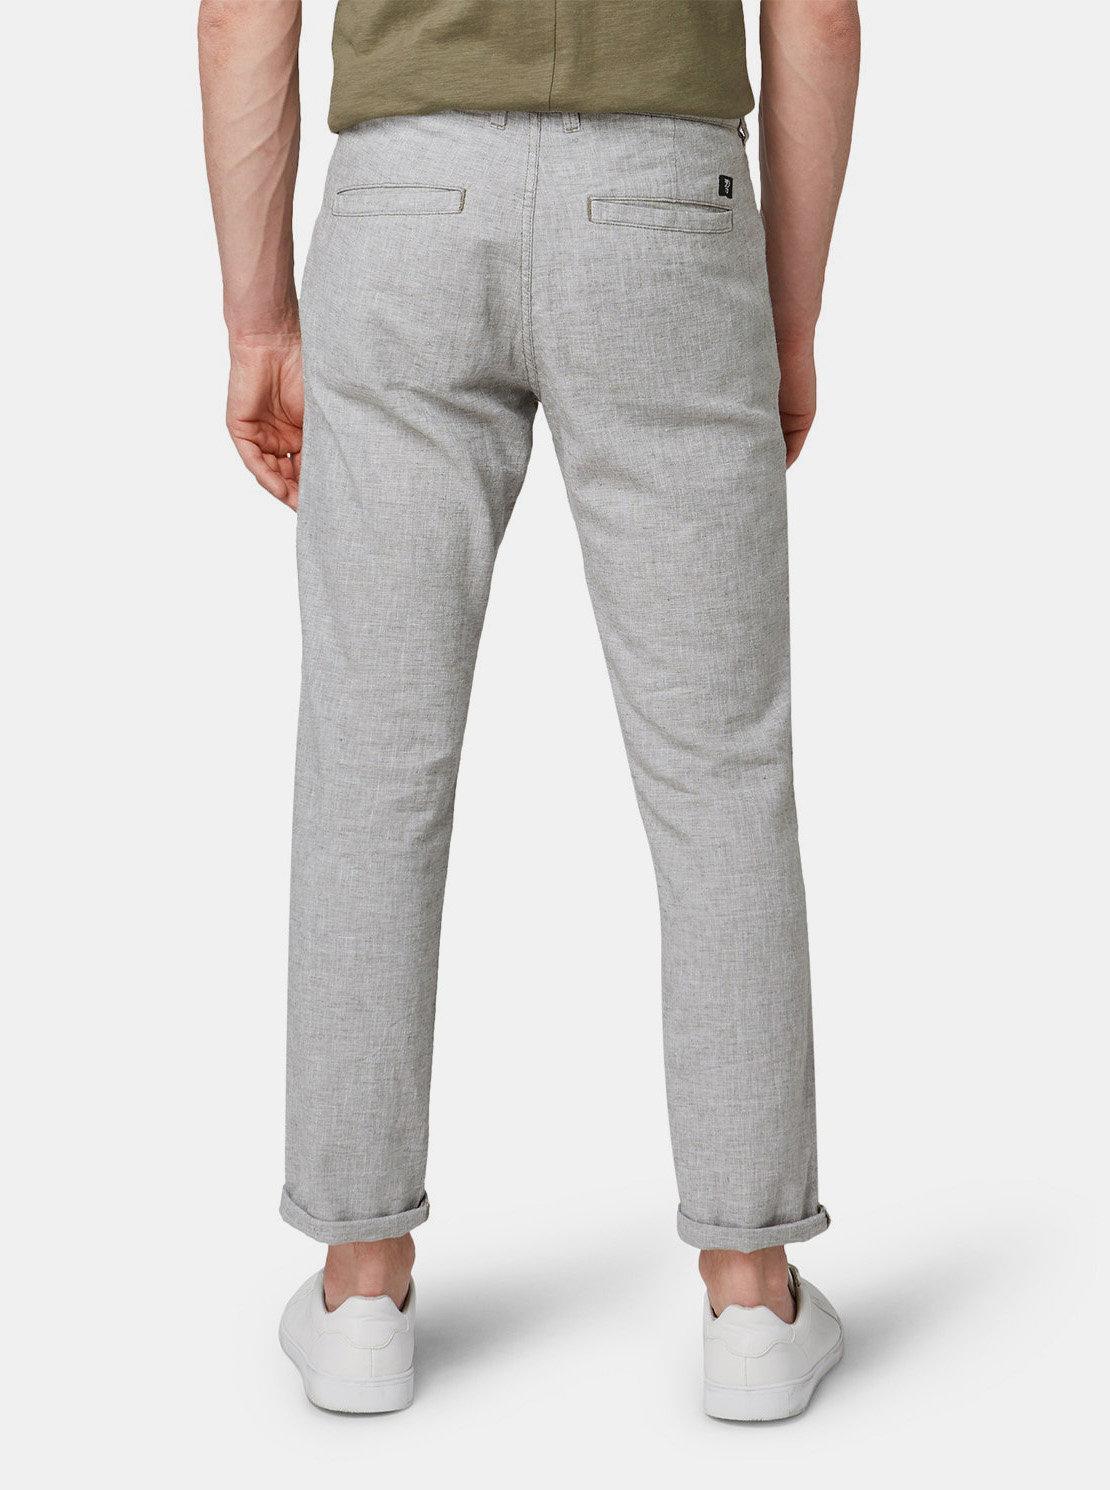 de99b0af92a7 Svetlosivé pánske melírované chino nohavice s prímesou ľanu Tom Tailor Denim  ...